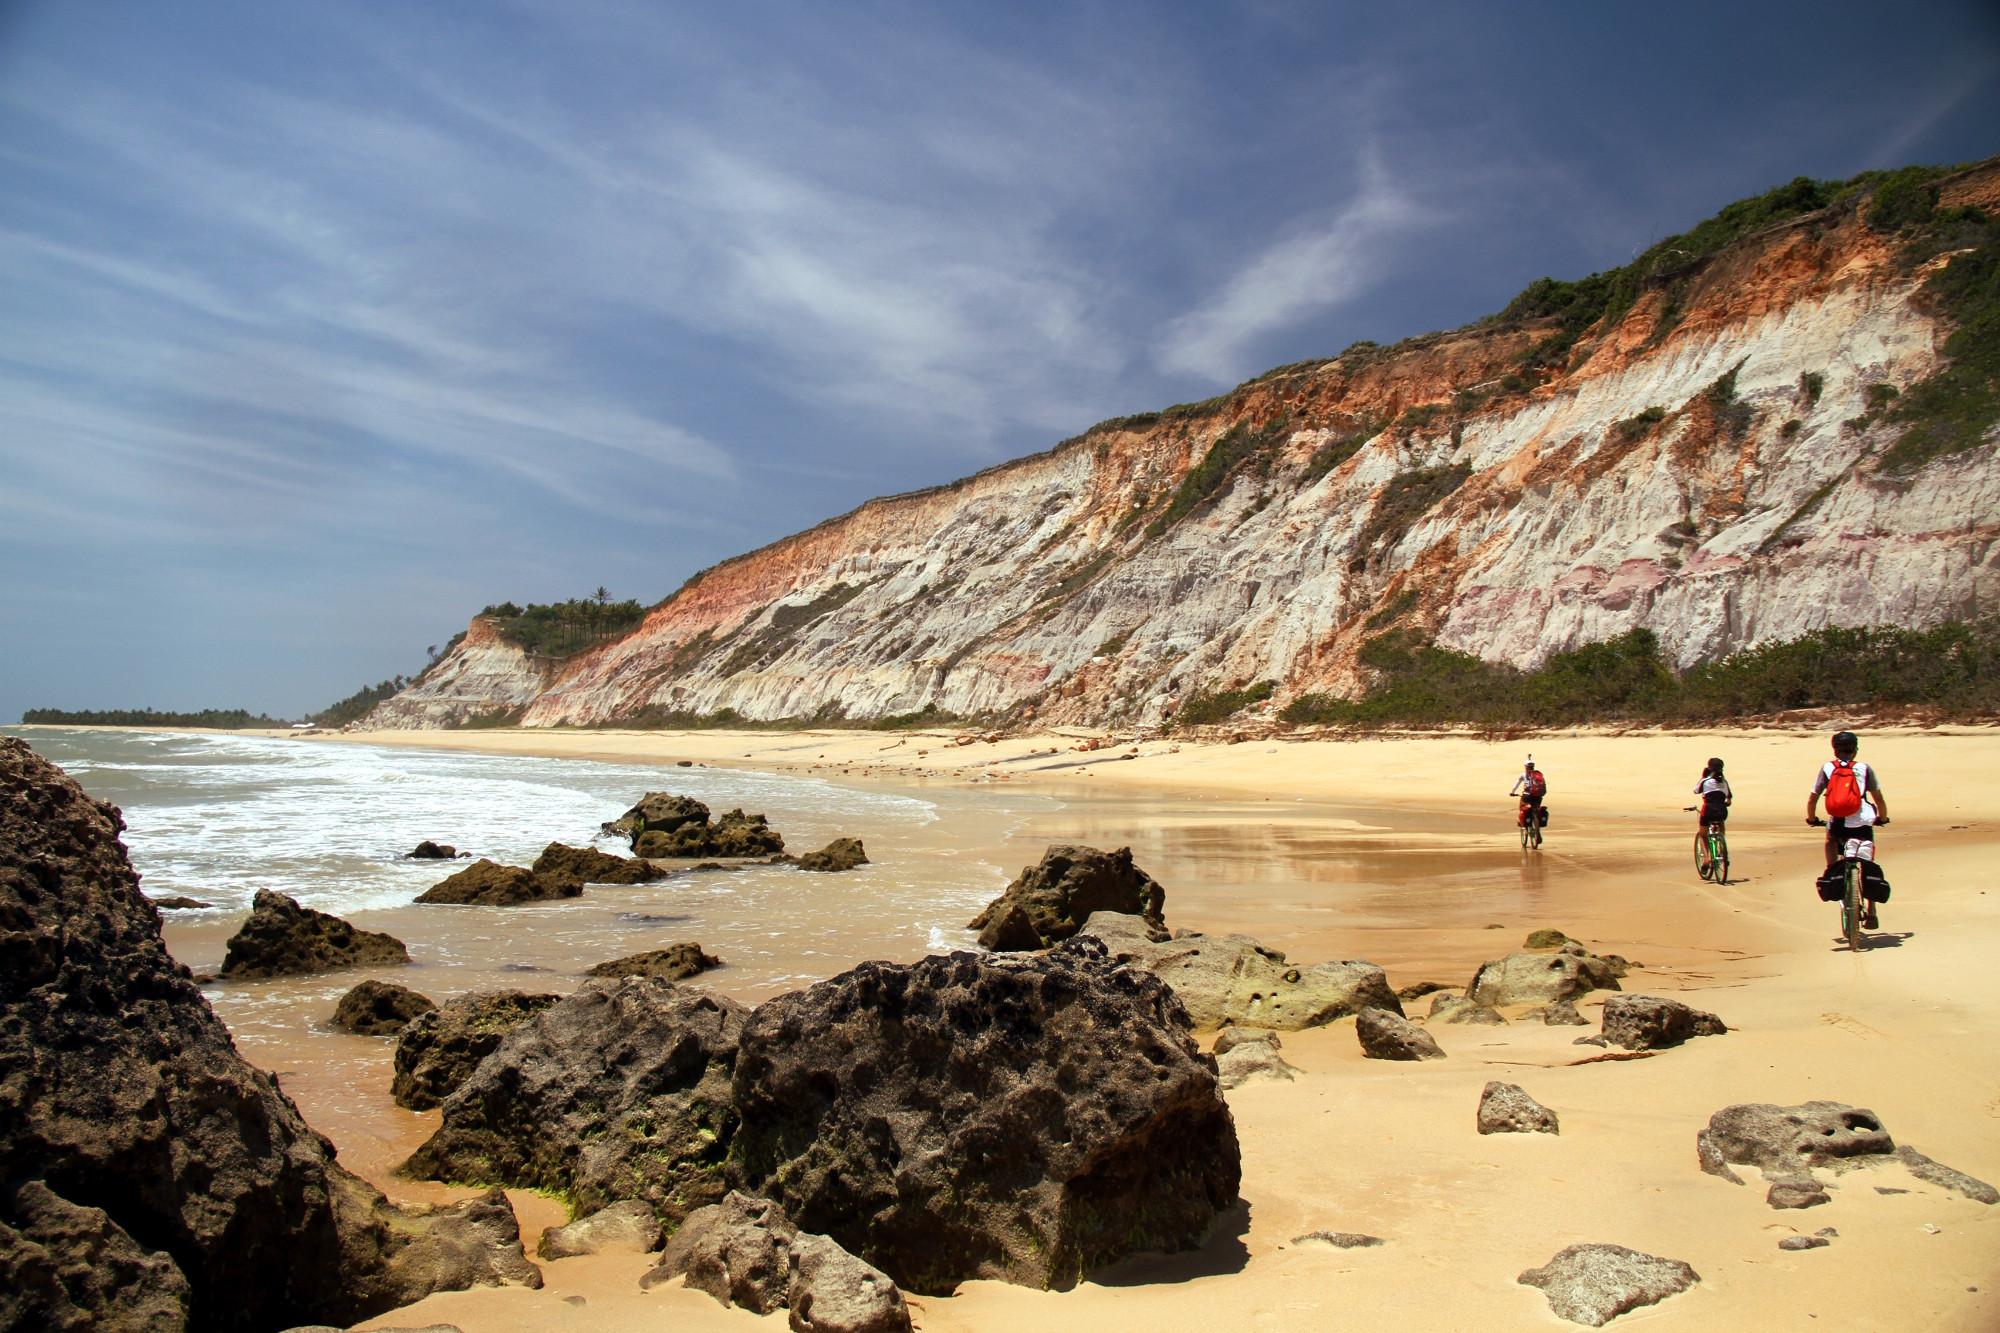 Rio da Barra, uma das atrações naturais do roteiro de bicicleta, entre Arraial d'Ajuda e Trancoso, no litoral sul da Bahia (foto: Ediuardo Vessoni)